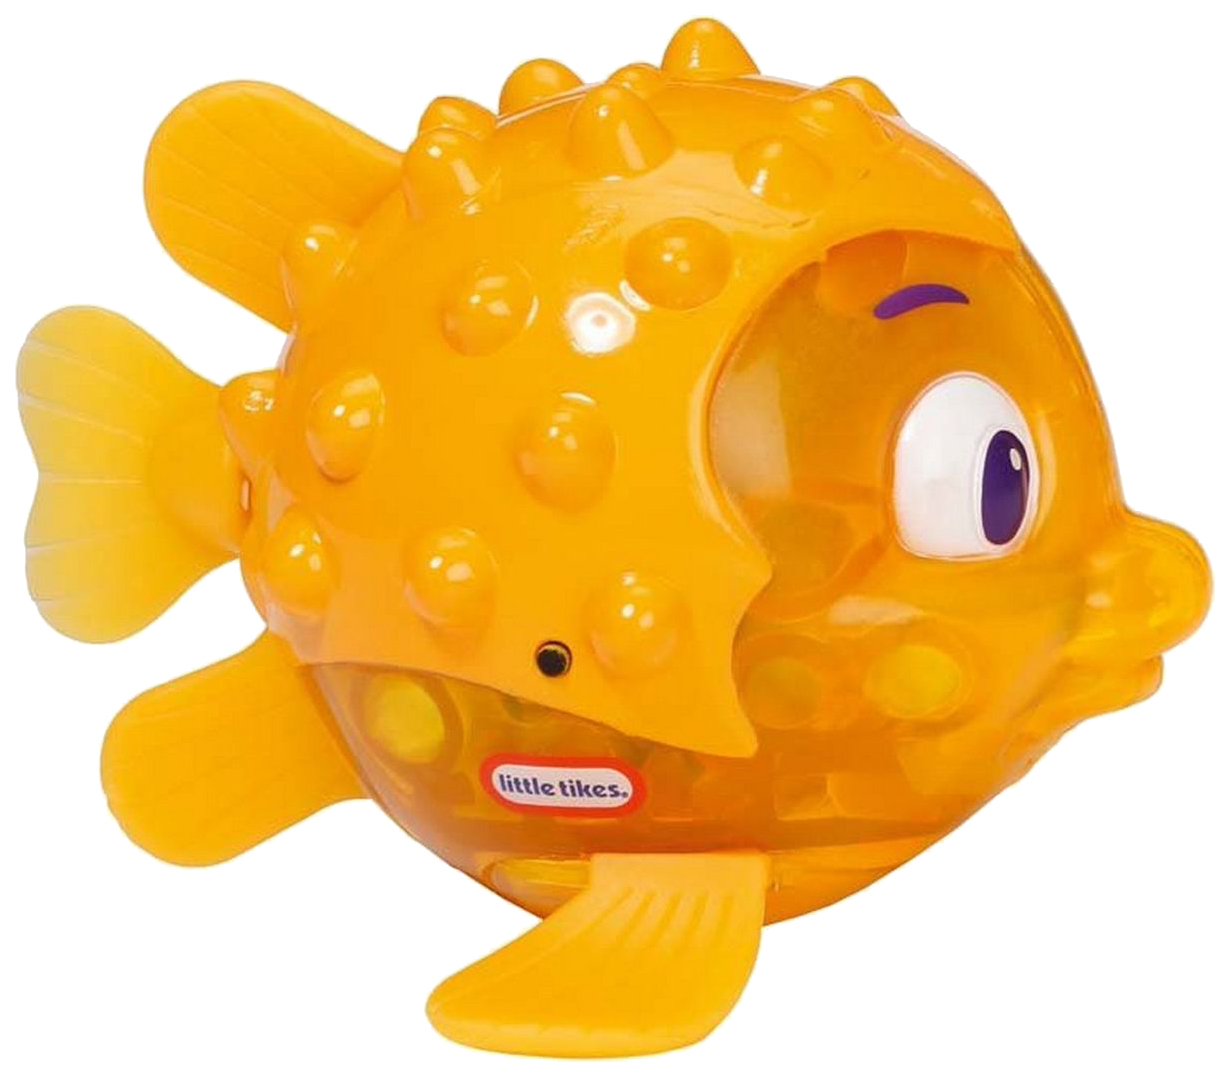 Купить Игрушка для ванны Рыбка Огонек - Иглобрюх (свет) Little Tikes, Игрушки для купания